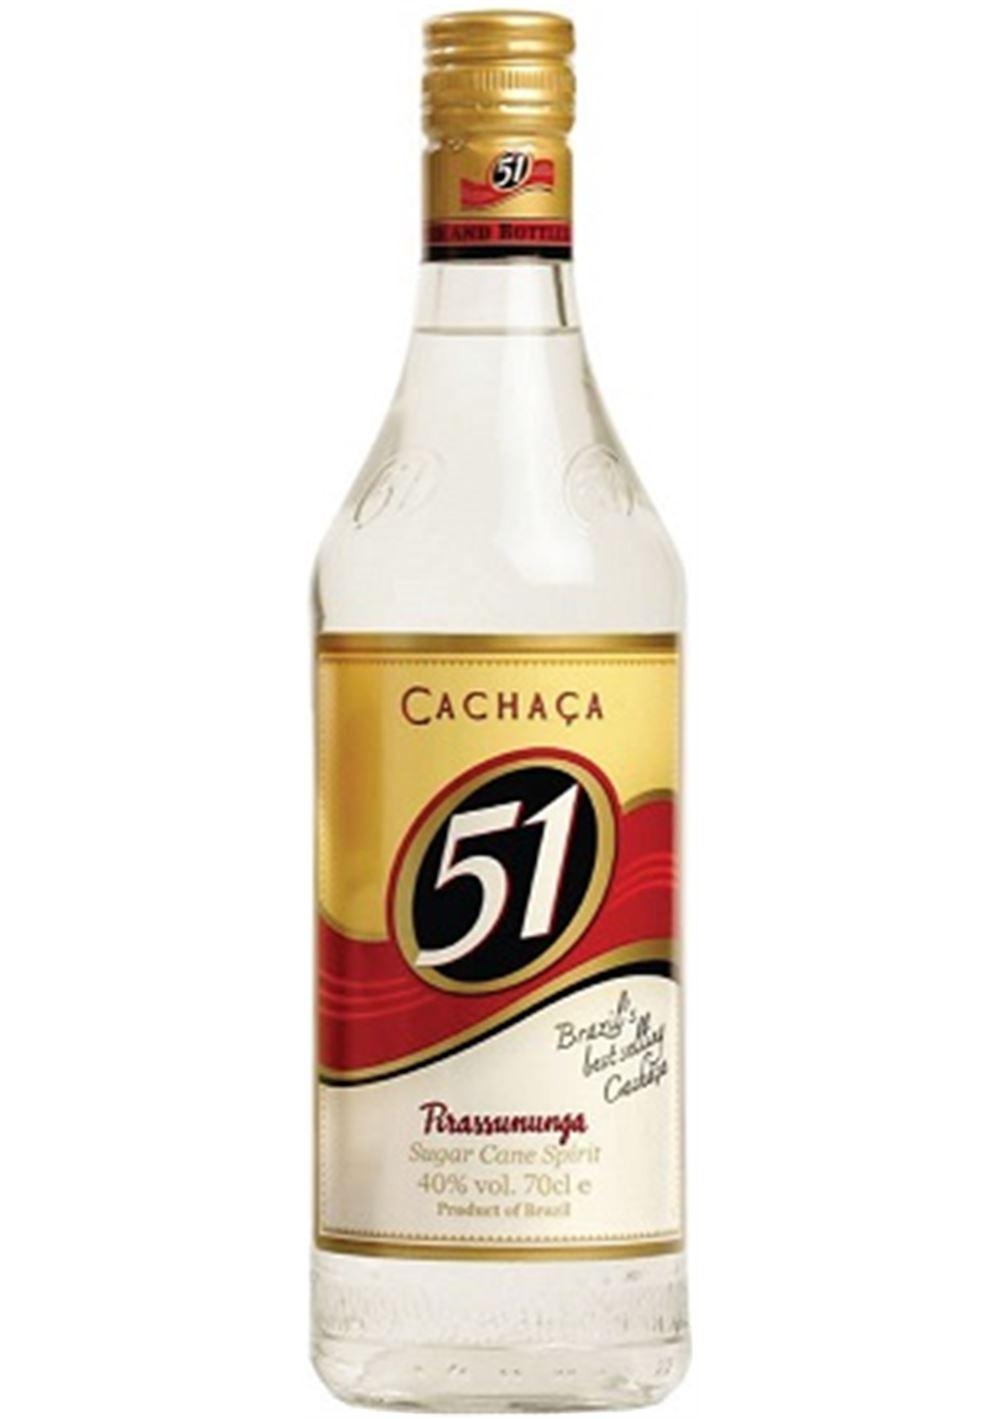 CACHACA51